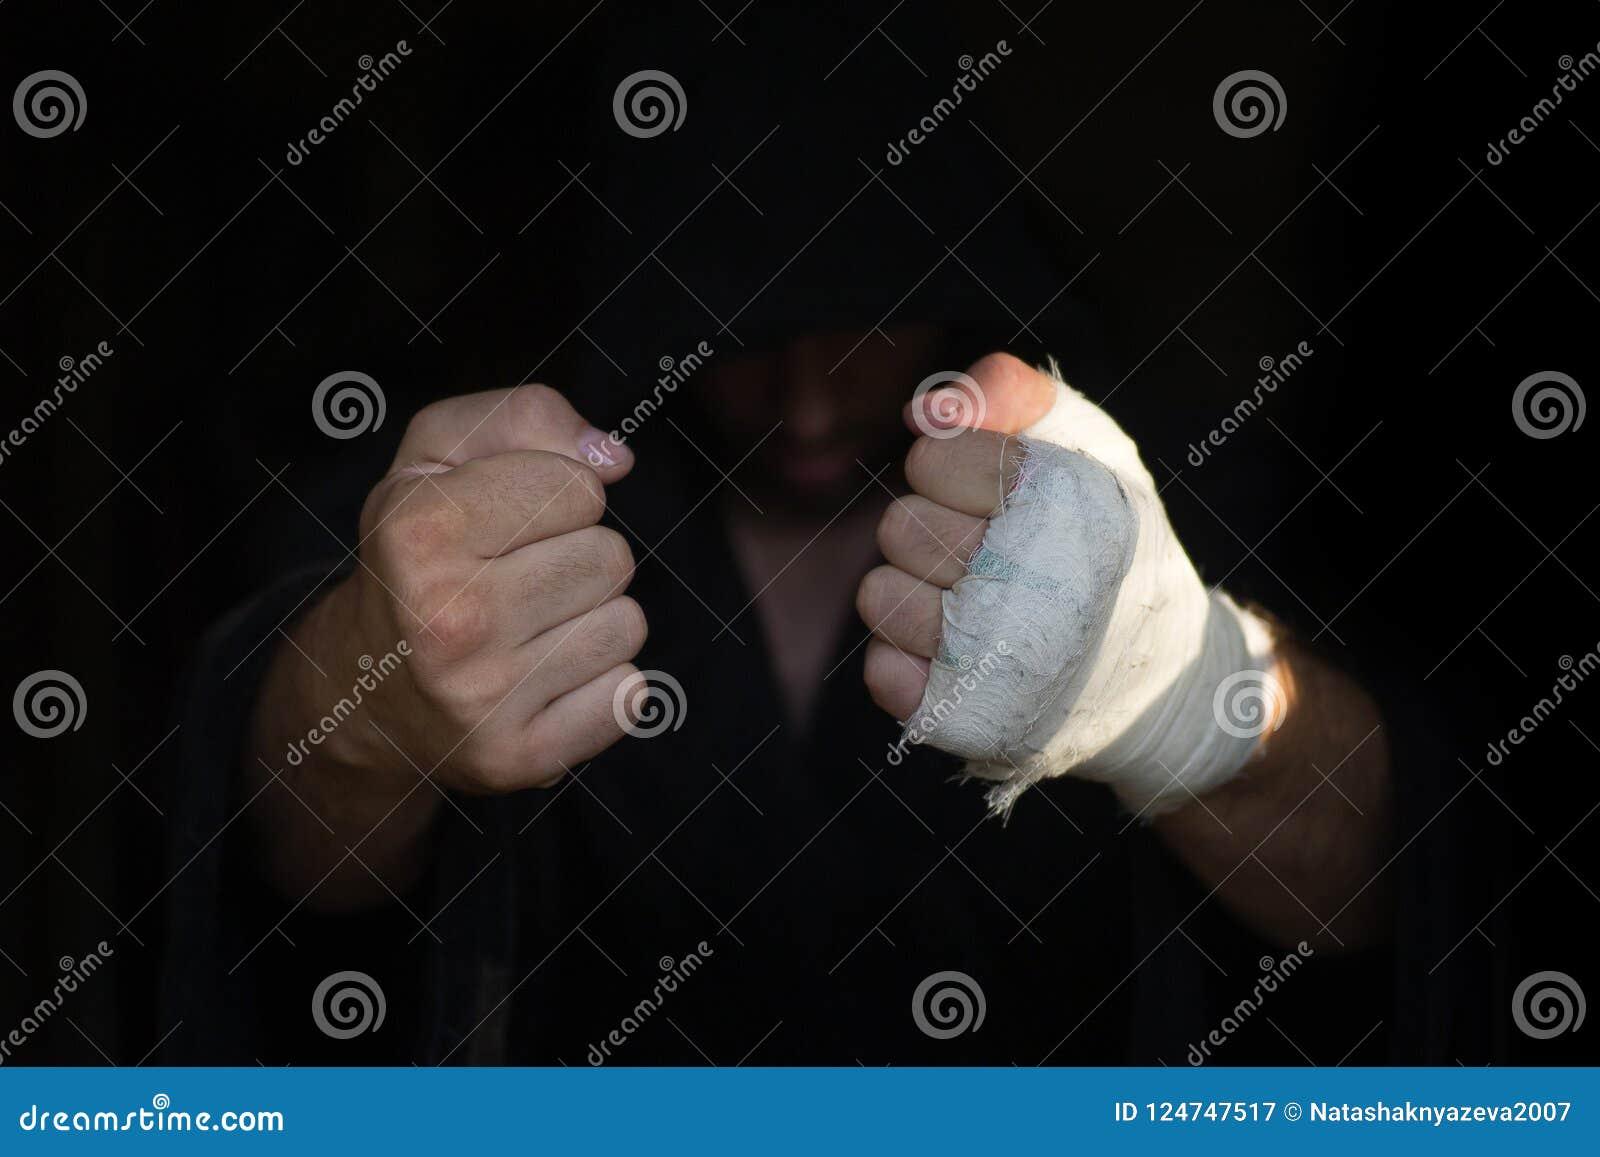 Mains de pro boxeur avec le bandage sur les poings avant combat Le combattant professionnel est préparé dans le vestiaire avant